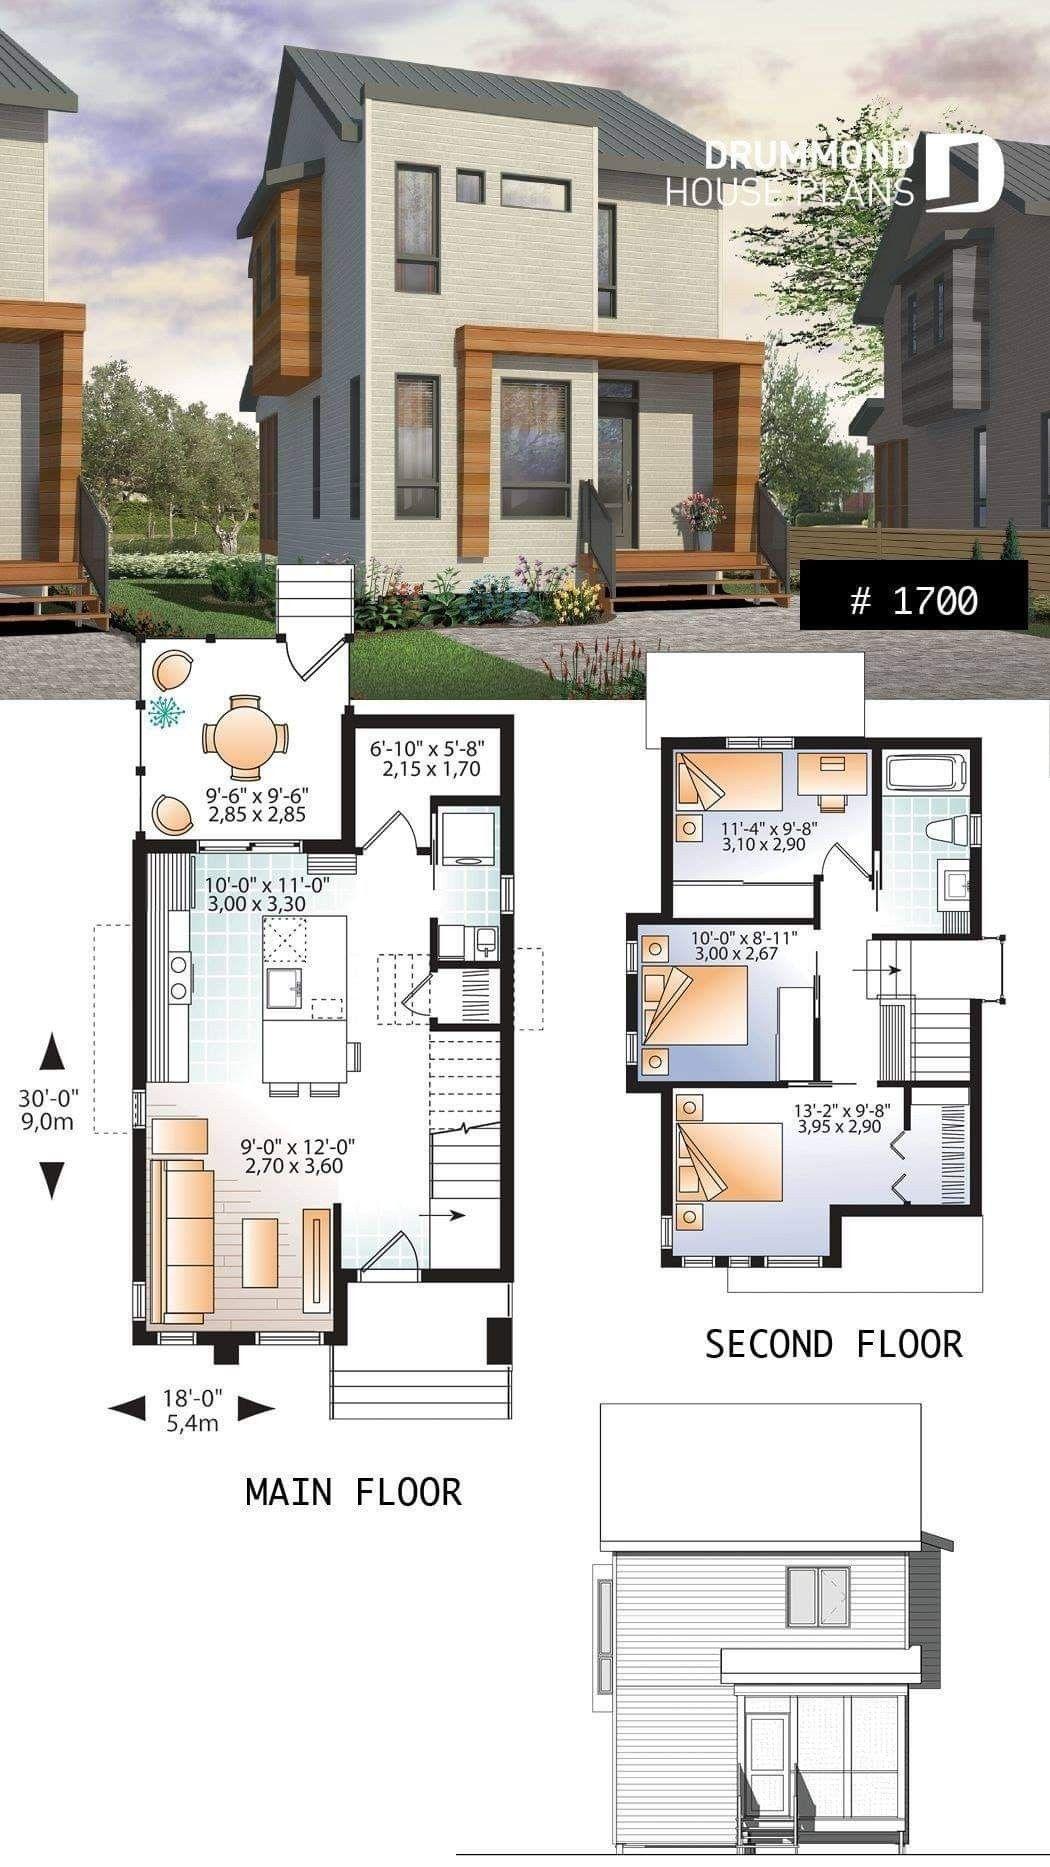 Pin Oleh Ruangrong Di Architecture Arsitektur Denah Rumah Desain Rumah